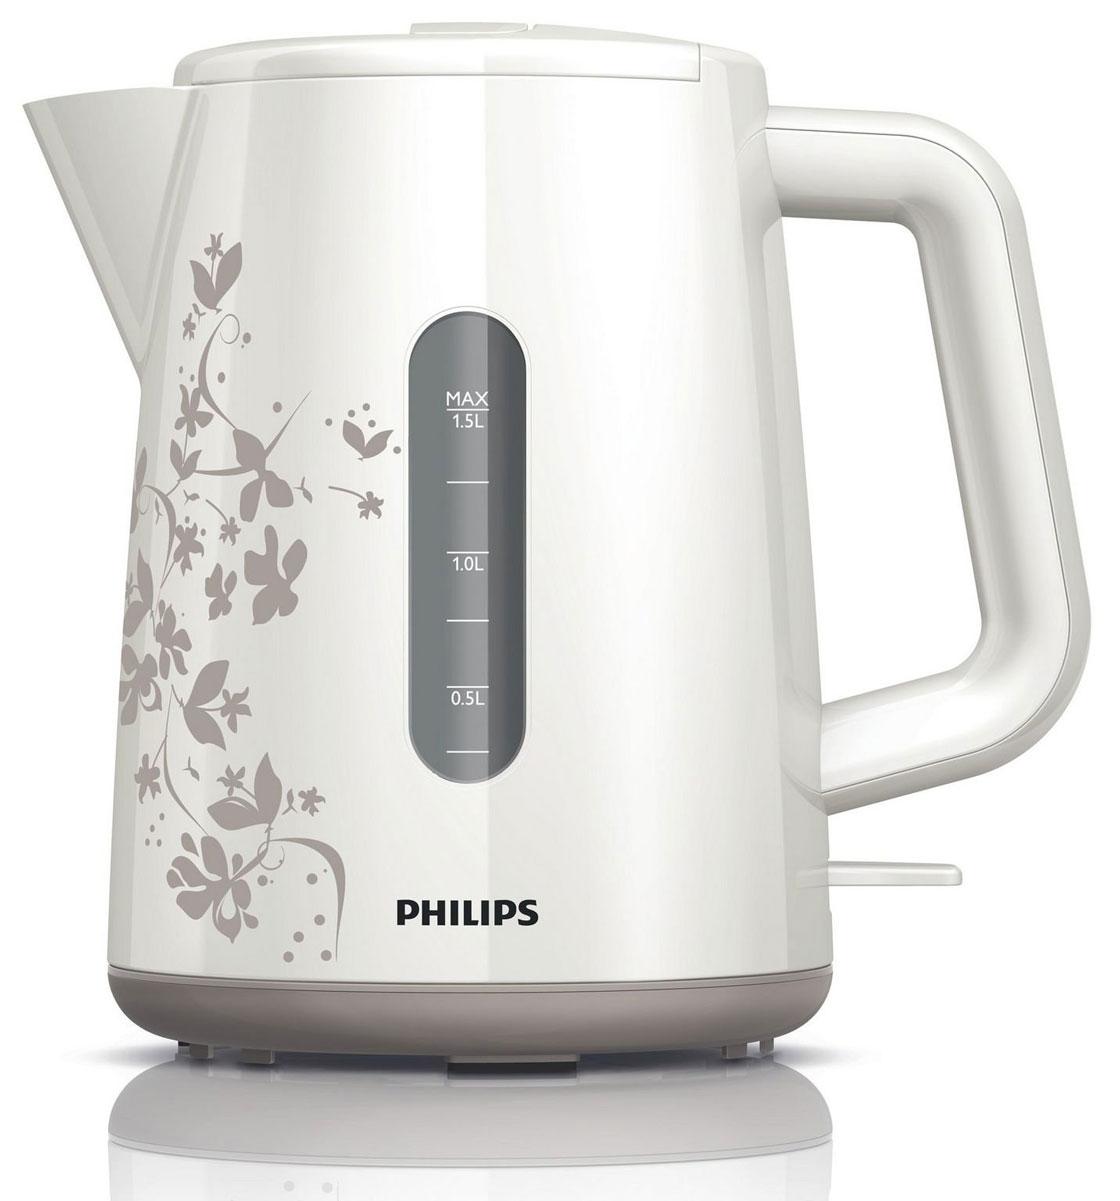 Philips HD9304/13 электрочайникHD9304/13Не правда ли, здорово за считаные секунды вскипятить воду и без лишних усилий очистить чайник? Плоский нагревательный элемент позволяет быстро вскипятить воду и прост в очистке. Благодаря моющемуся фильтру очистки от накипи вода становится чистой, а напитки - без частиц известкового осадка. Широко открывающаяся откидная крышка для удобства наполнения и чистки чайника Широко открывающаяся откидная крышка для удобства наполнения и чистки чайника исключает контакт с паром. Индикаторы уровня воды с двух сторон чайника Индикаторы уровня воды по обеим сторонам электрического чайника Philips будут удобны и для правшей, и для левшей. Беспроводная подставка с поворотом на 360° для удобства использования. Наполнить чайник можно через носик или открыв крышку. Фильтр для защиты от накипи обеспечивает чистоту воды и чайника.Катушка для удобного хранения шнура Шнур оборачивается вокруг основания, что позволяет легко разместить чайник на кухне. Плоский нагревательный элемент для быстрого кипячения воды и легкой чисткиВстроенный нагревательный элемент из нержавеющей стали обеспечивает быстрое кипячение и простую чистку. Комплексная система безопасности Комплексная система безопасности для предотвращения короткого замыкания и выкипания воды. Функция автовыключения активируется, когда процесс завершается или прибор снимается с основания.